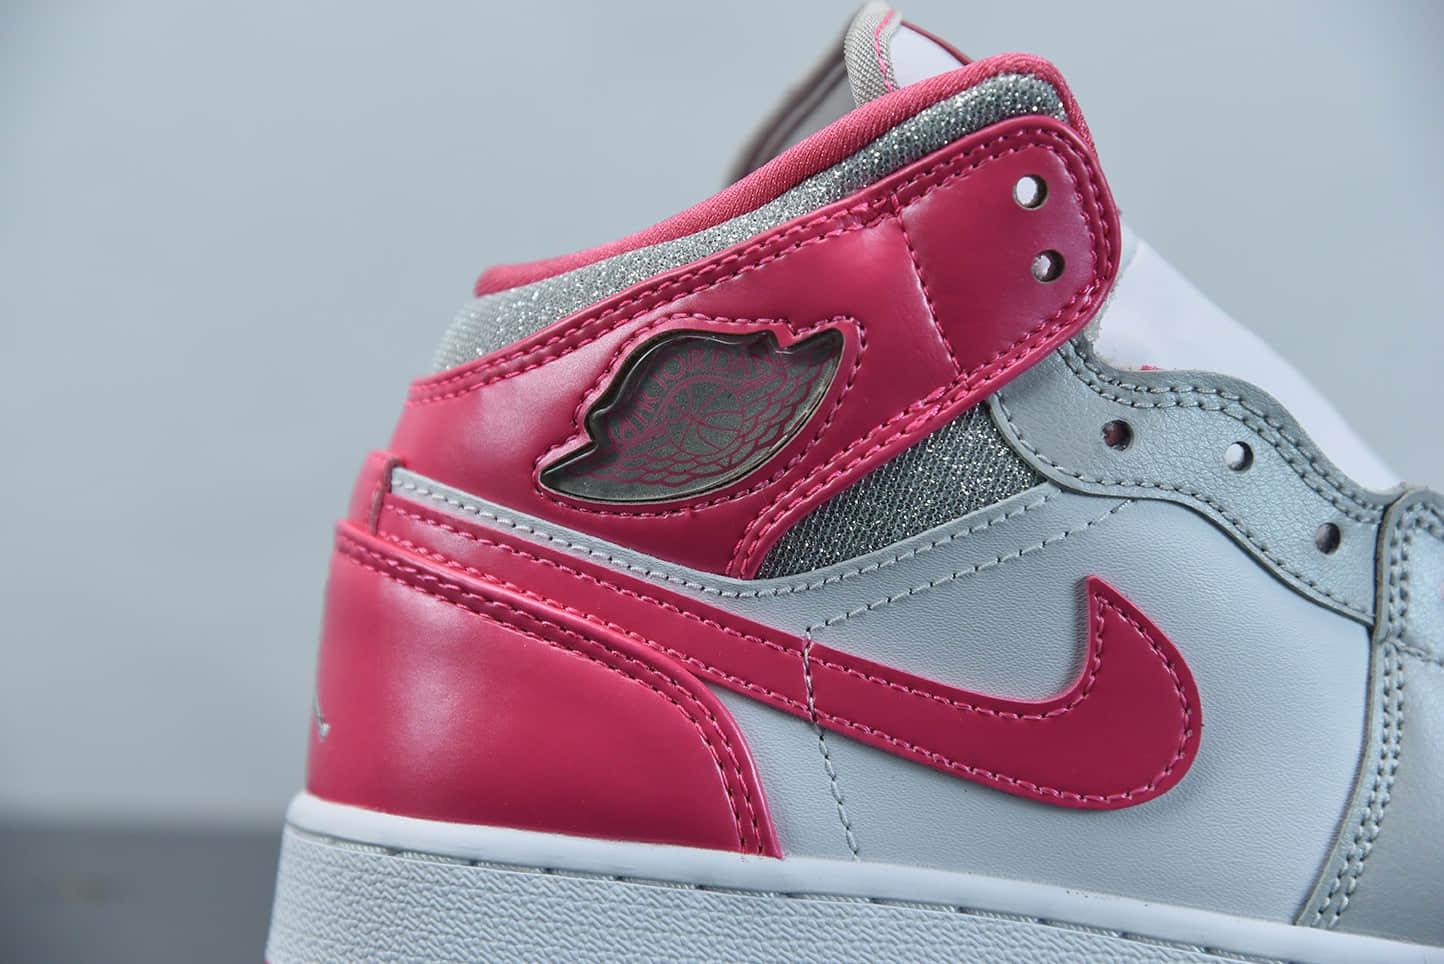 乔丹Air Jordan 1 Mid GS 白银粉中邦篮球鞋纯原版本 货号:555112-109